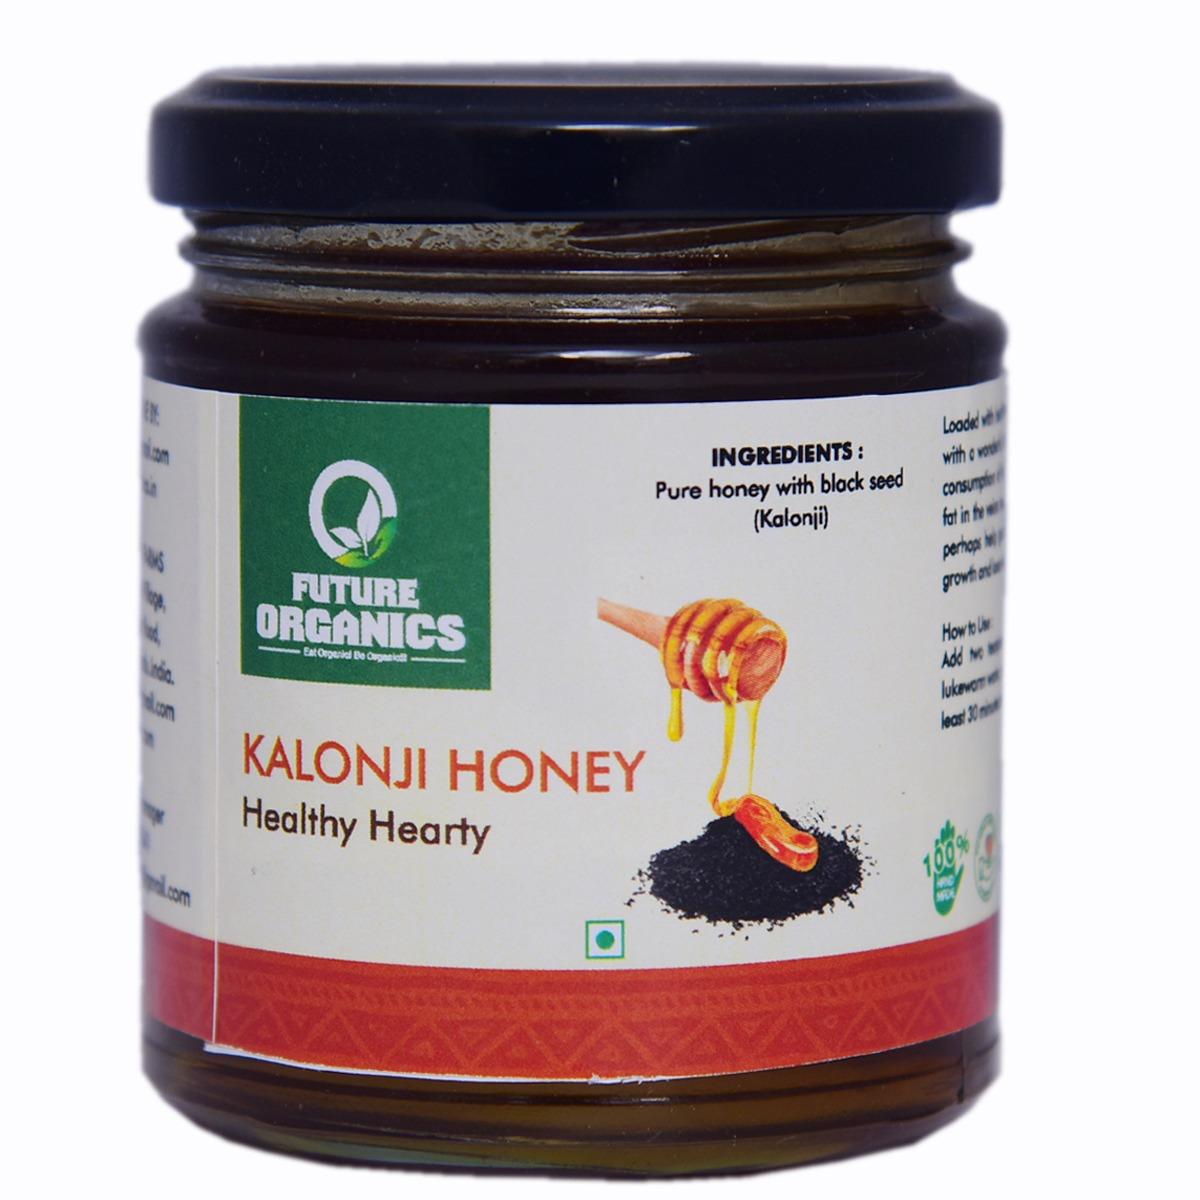 Kalonji Honey